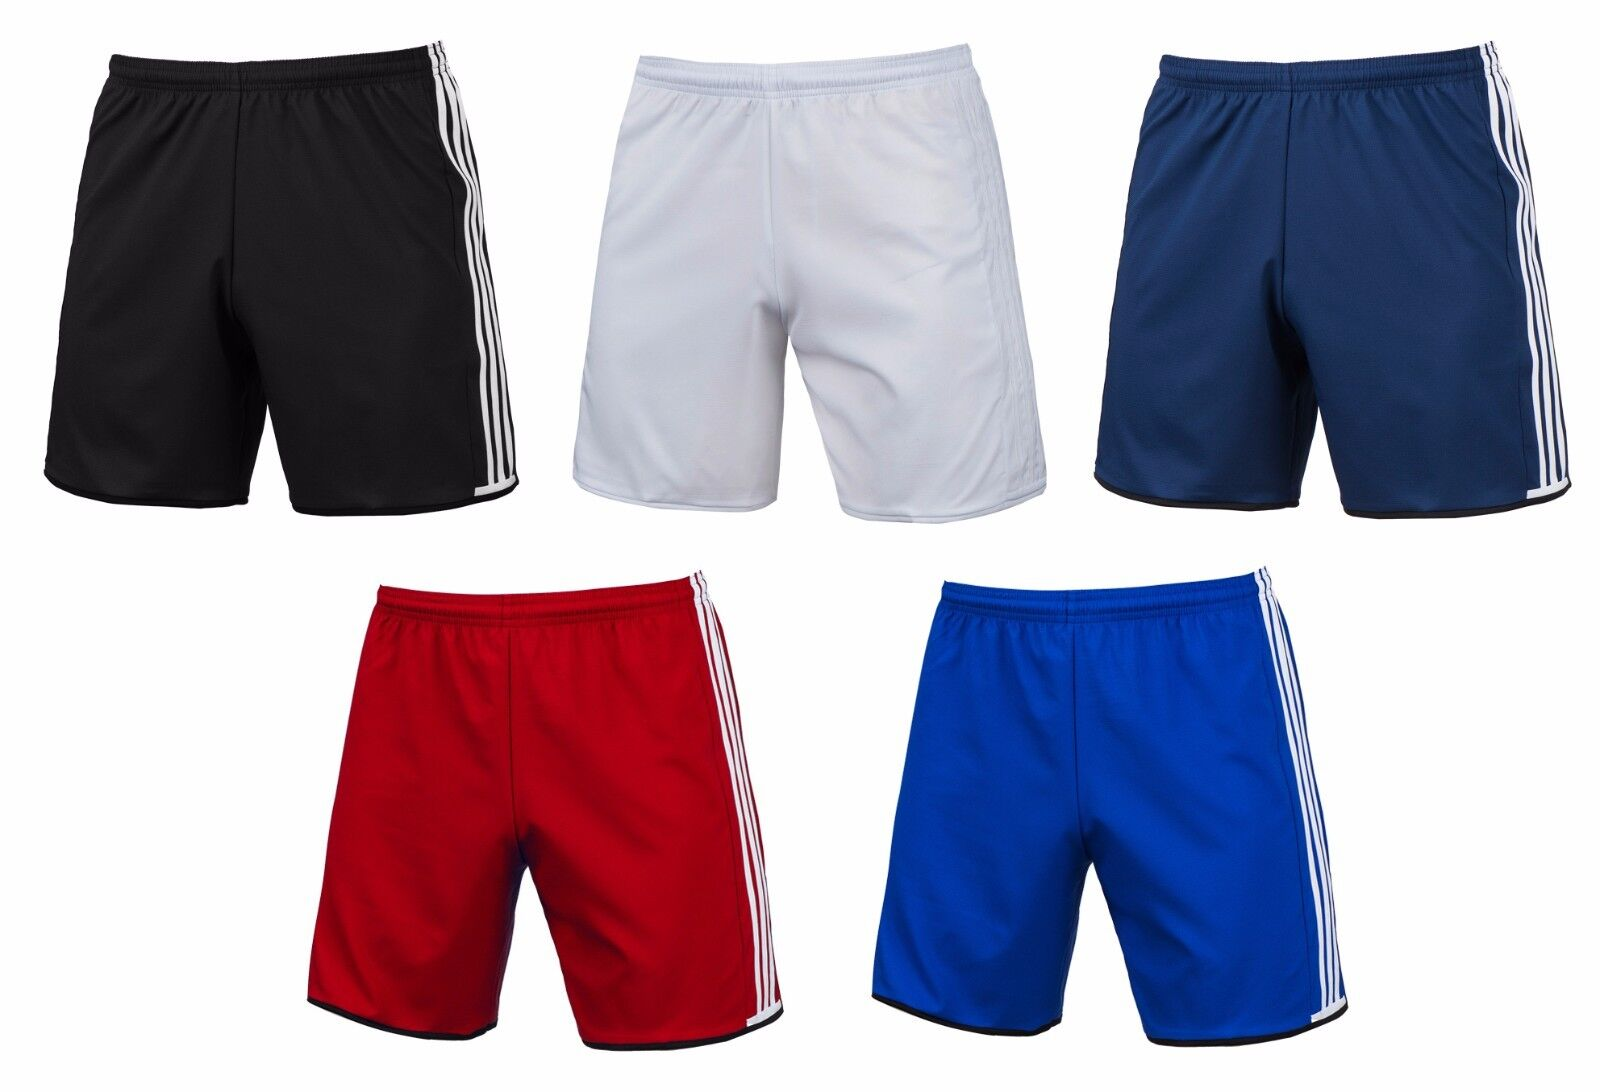 Adidas Condivo 16 Shorts Training Pants Climacool Soccer Football Short Pant